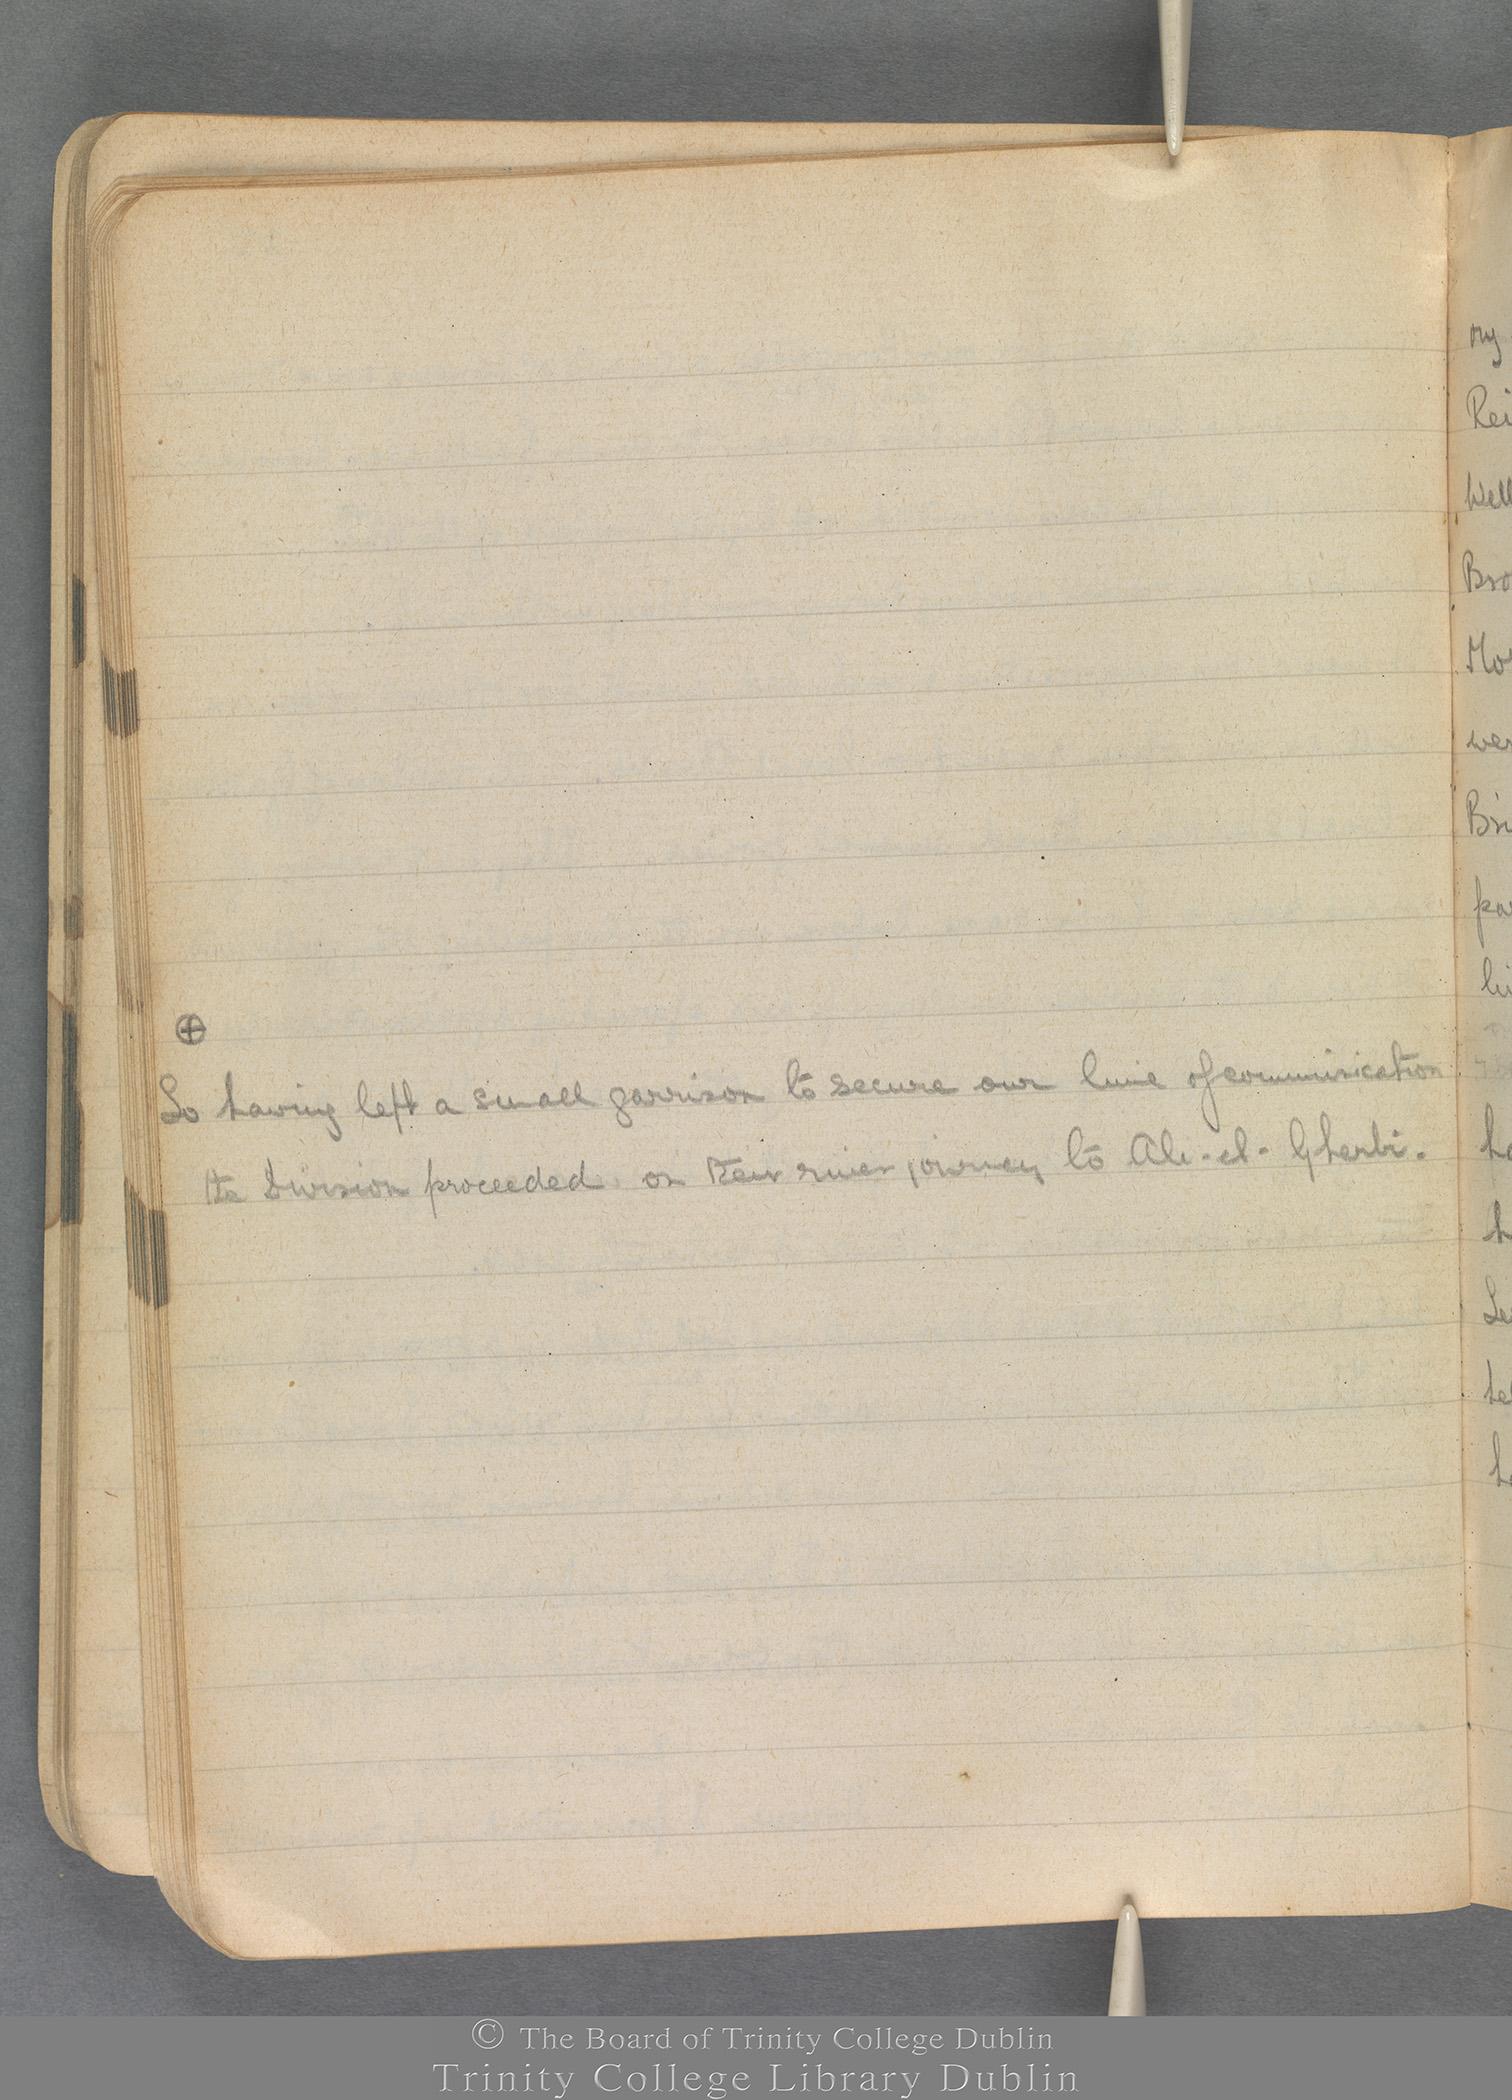 TCD MS 3414 folio 35 verso